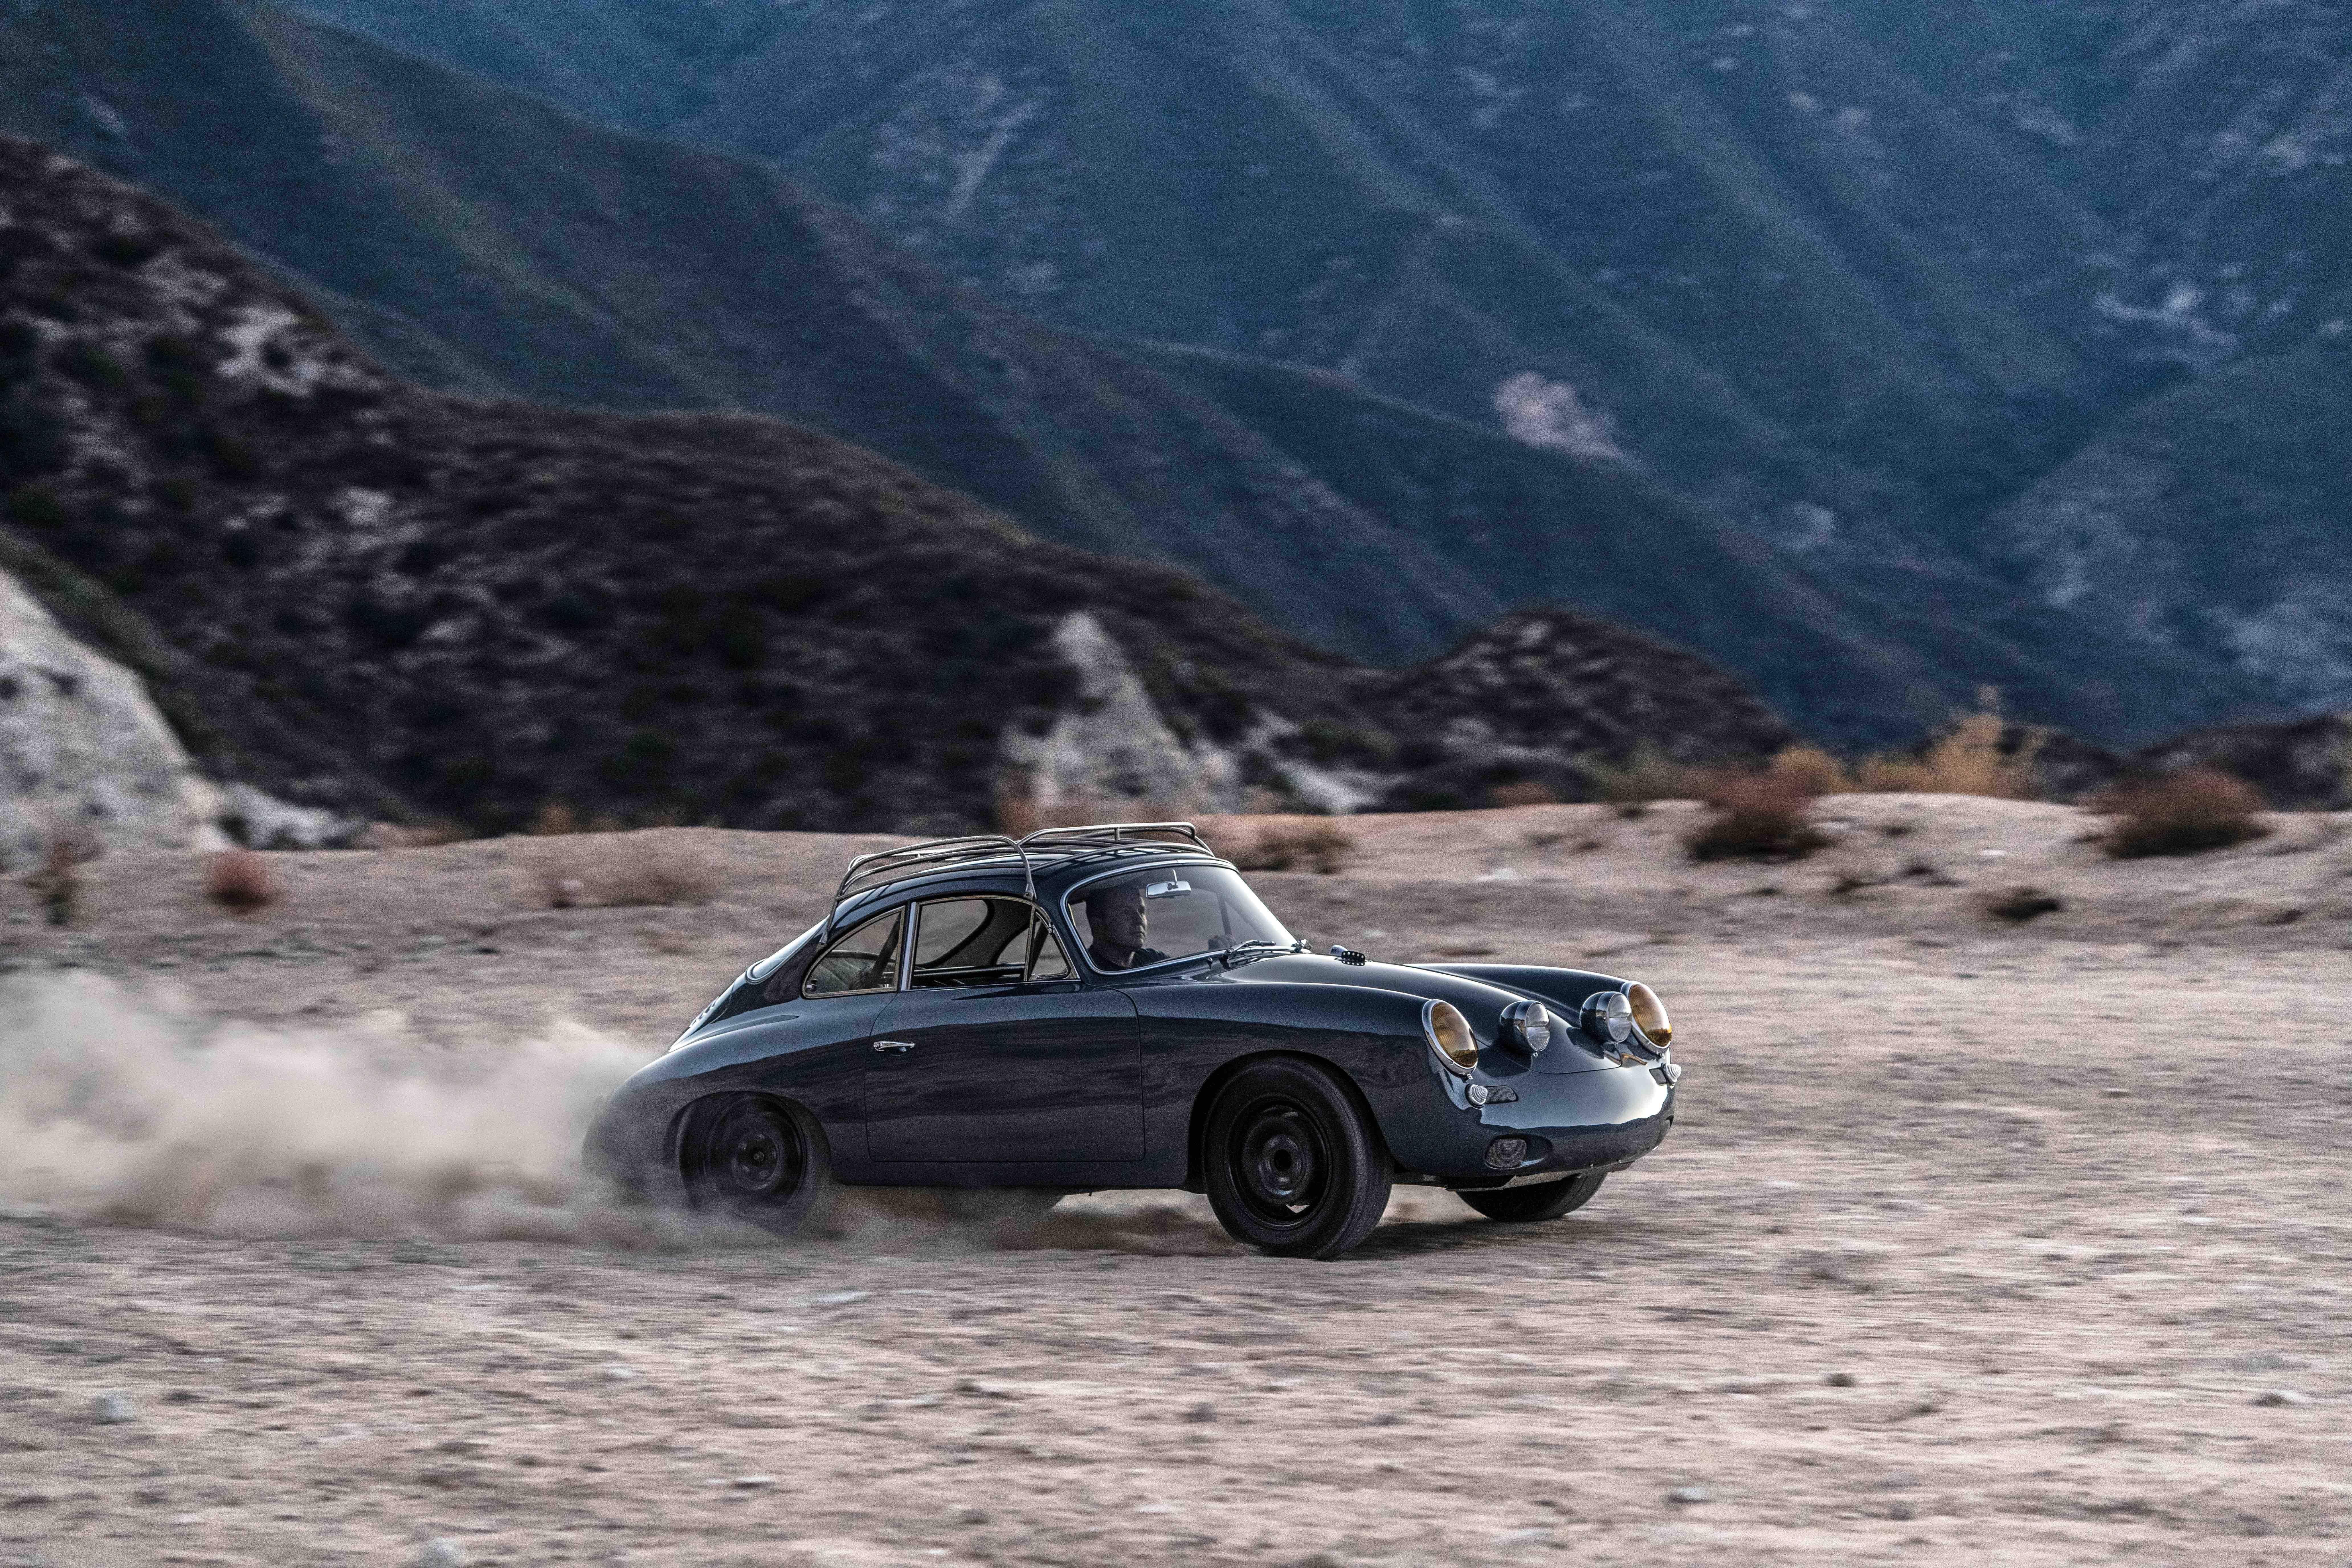 Emory 356 C4S (Basis Porsche 356 C & Porsche 964)